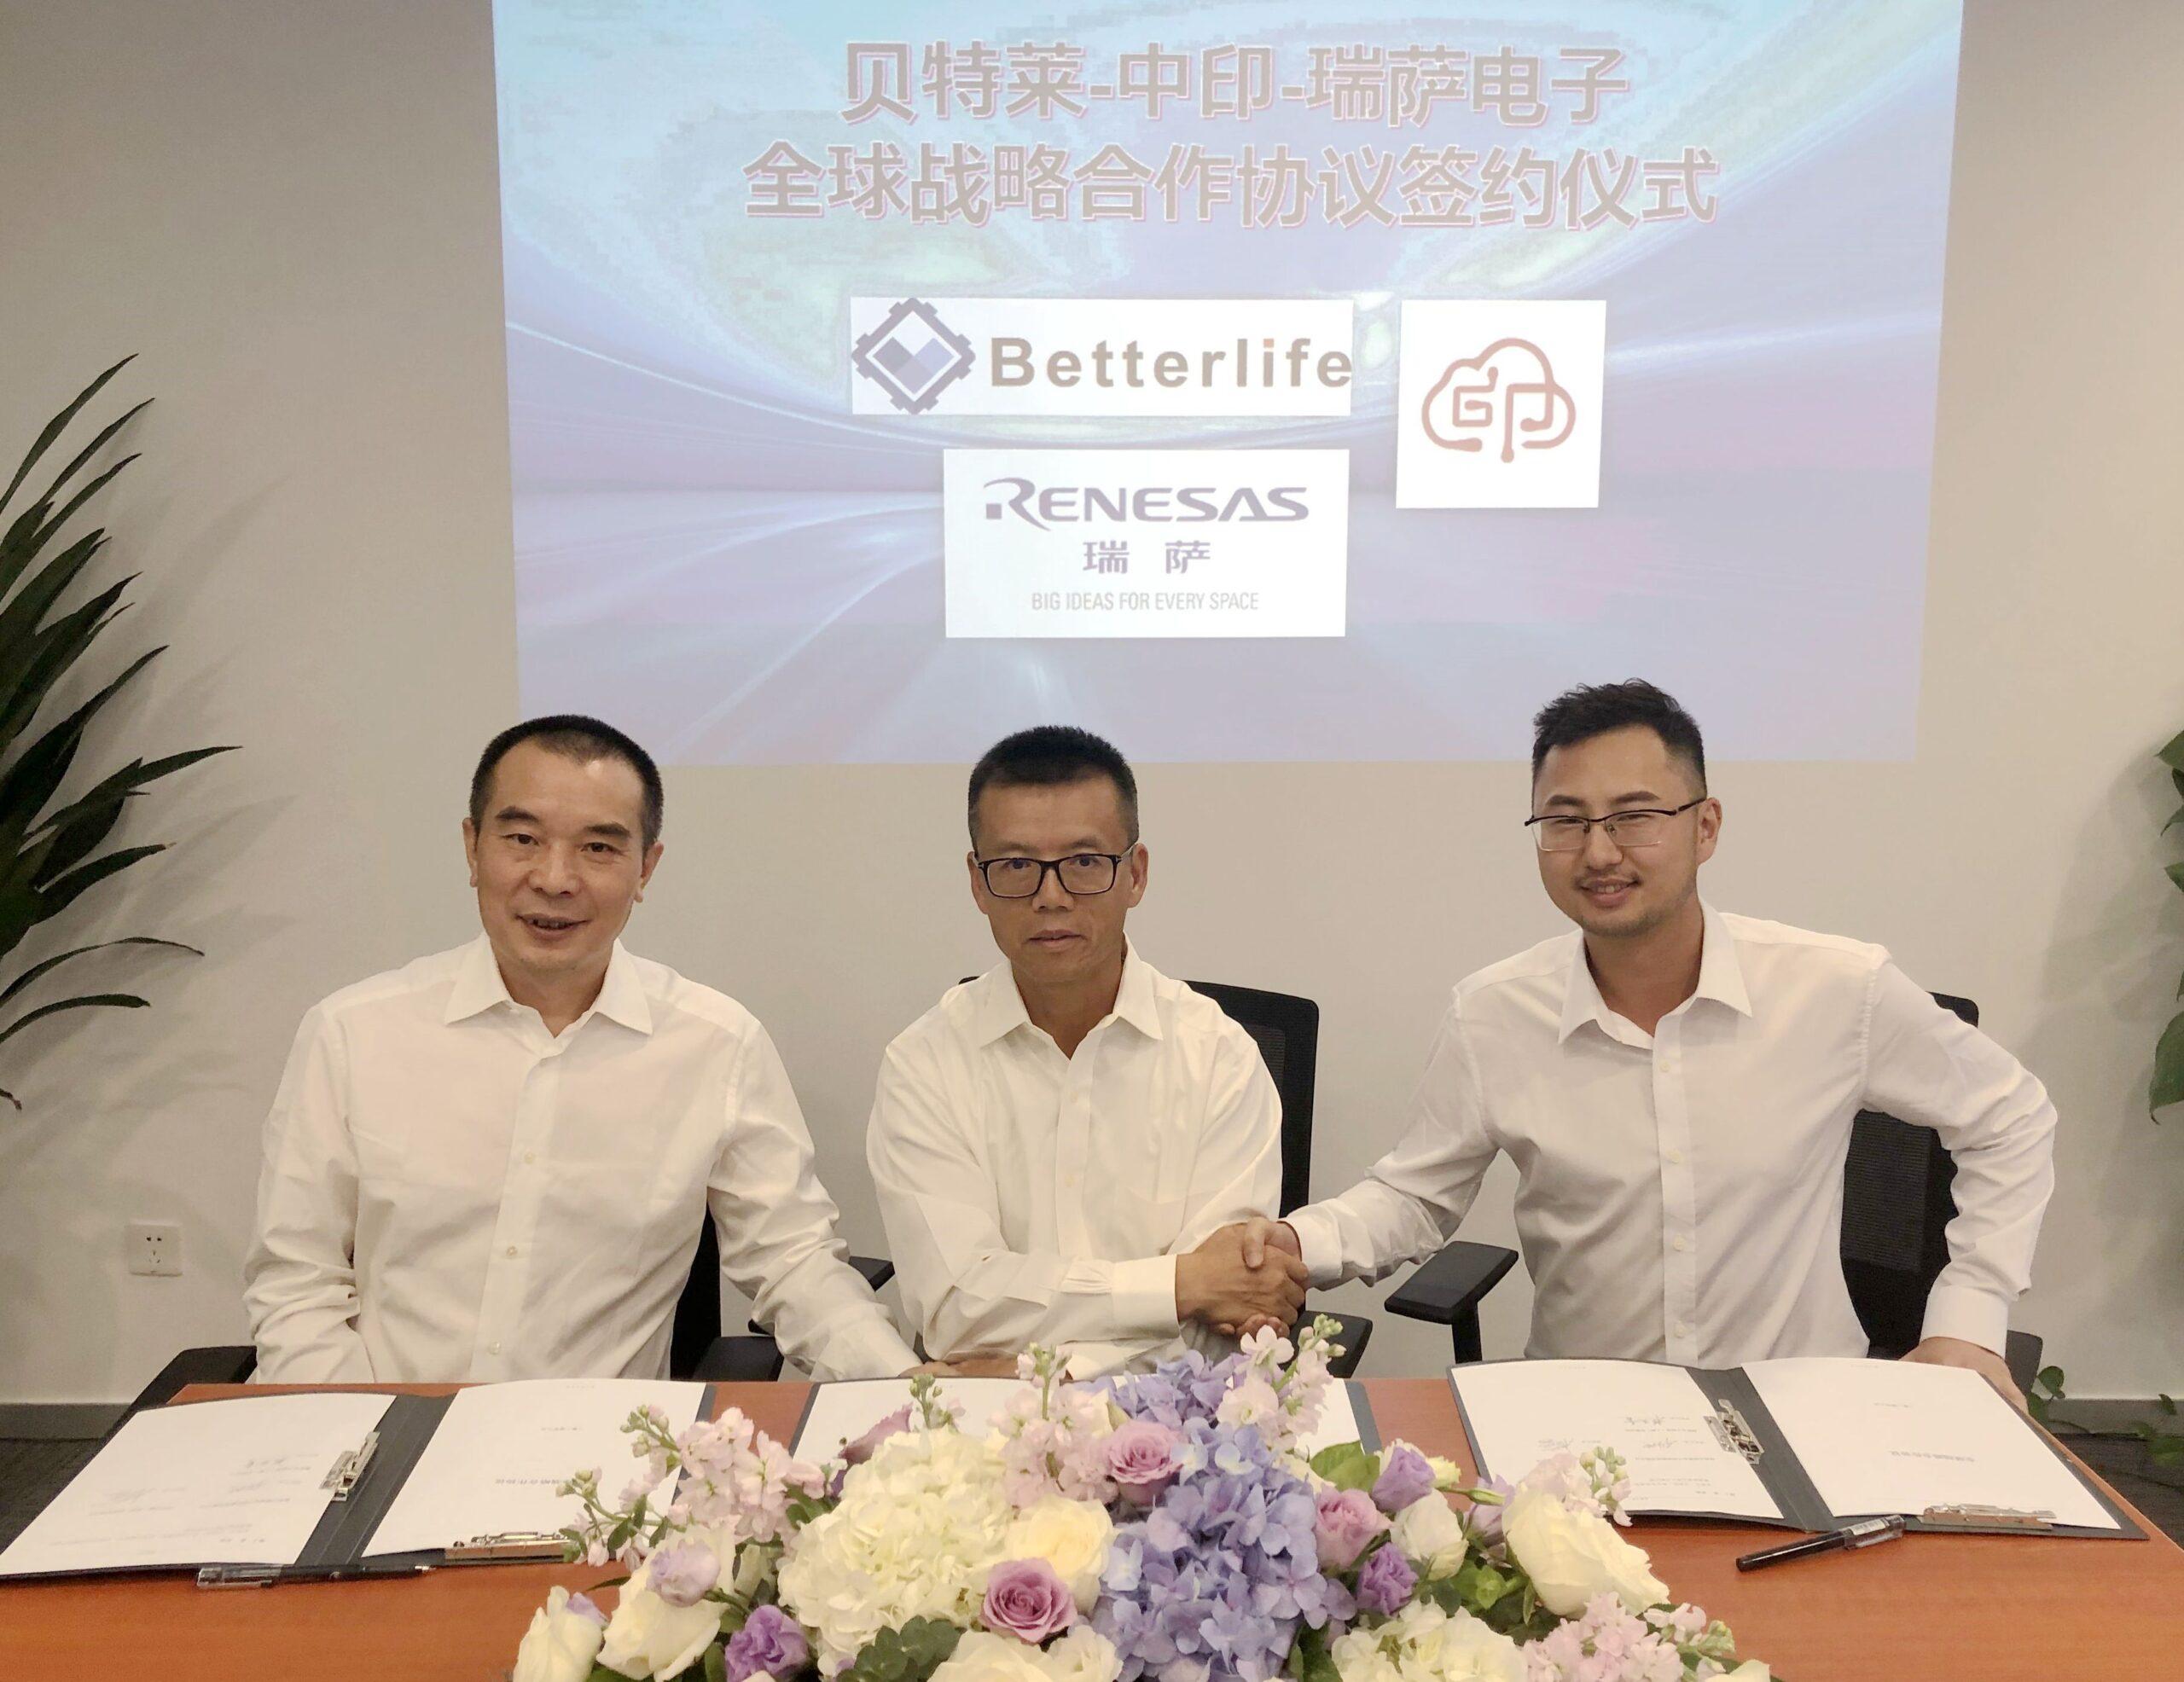 瑞萨电子宣布与贝特莱及中印云端达成战略合作 共同拓展指纹识别应用市场